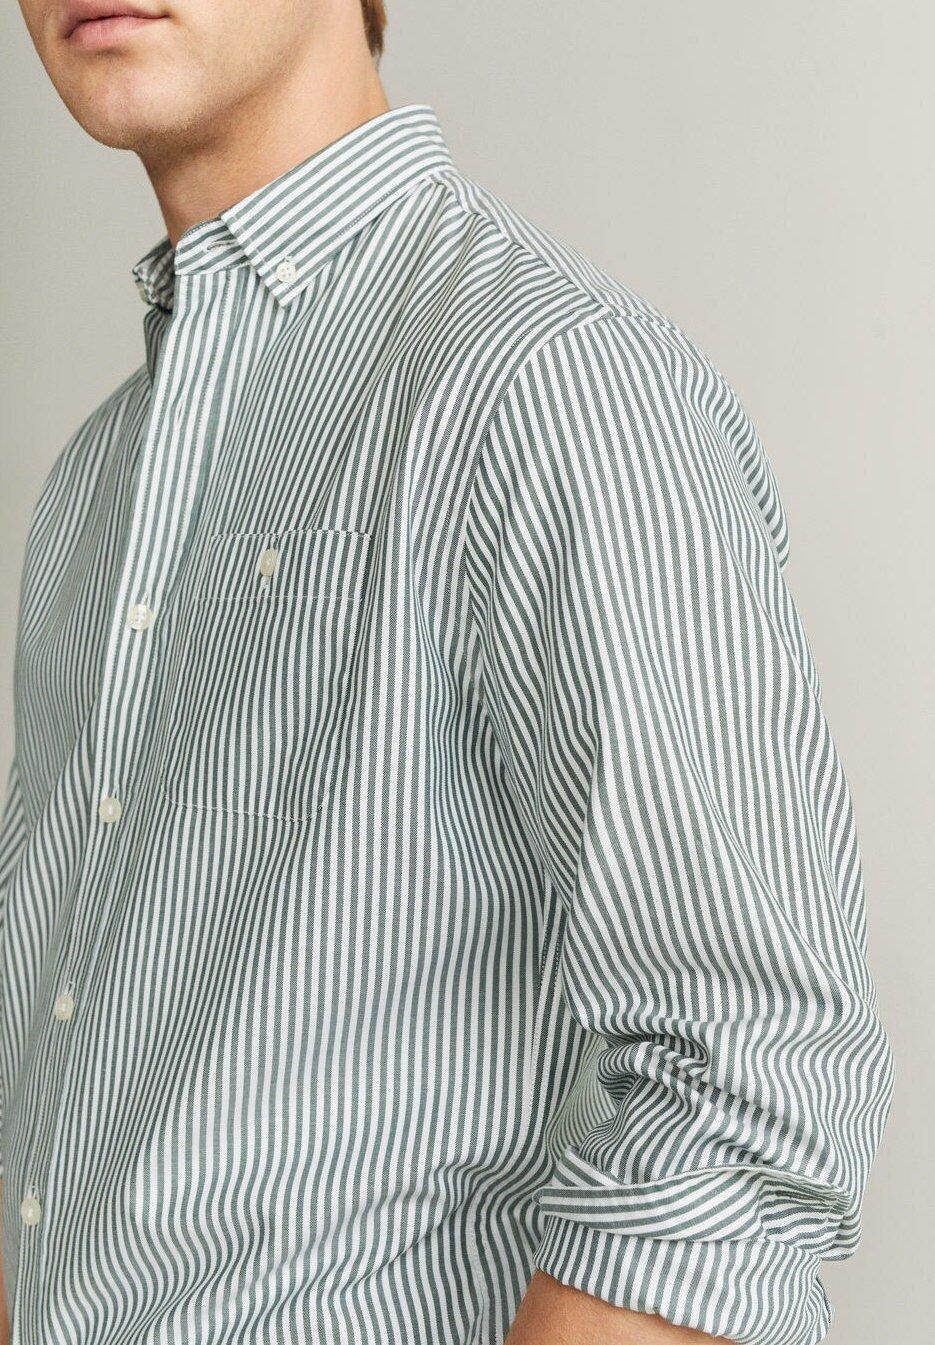 Mango Kodak - Skjorter Khaki